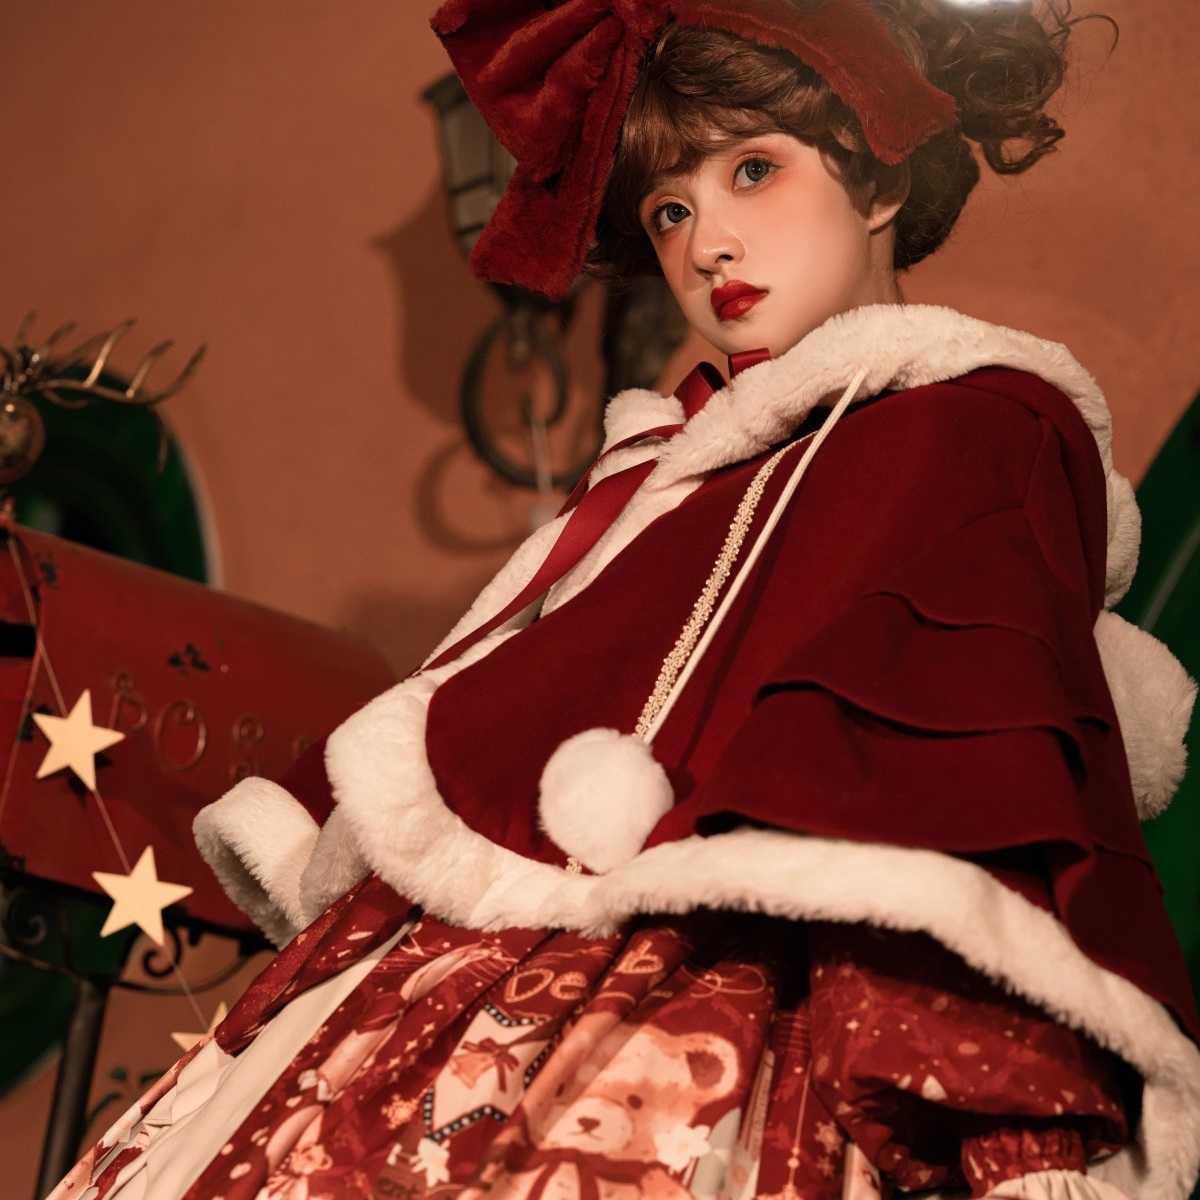 原创新款上衣甜熊礼物屋洛丽塔新年红秋冬可爱Lolit百搭外套斗篷